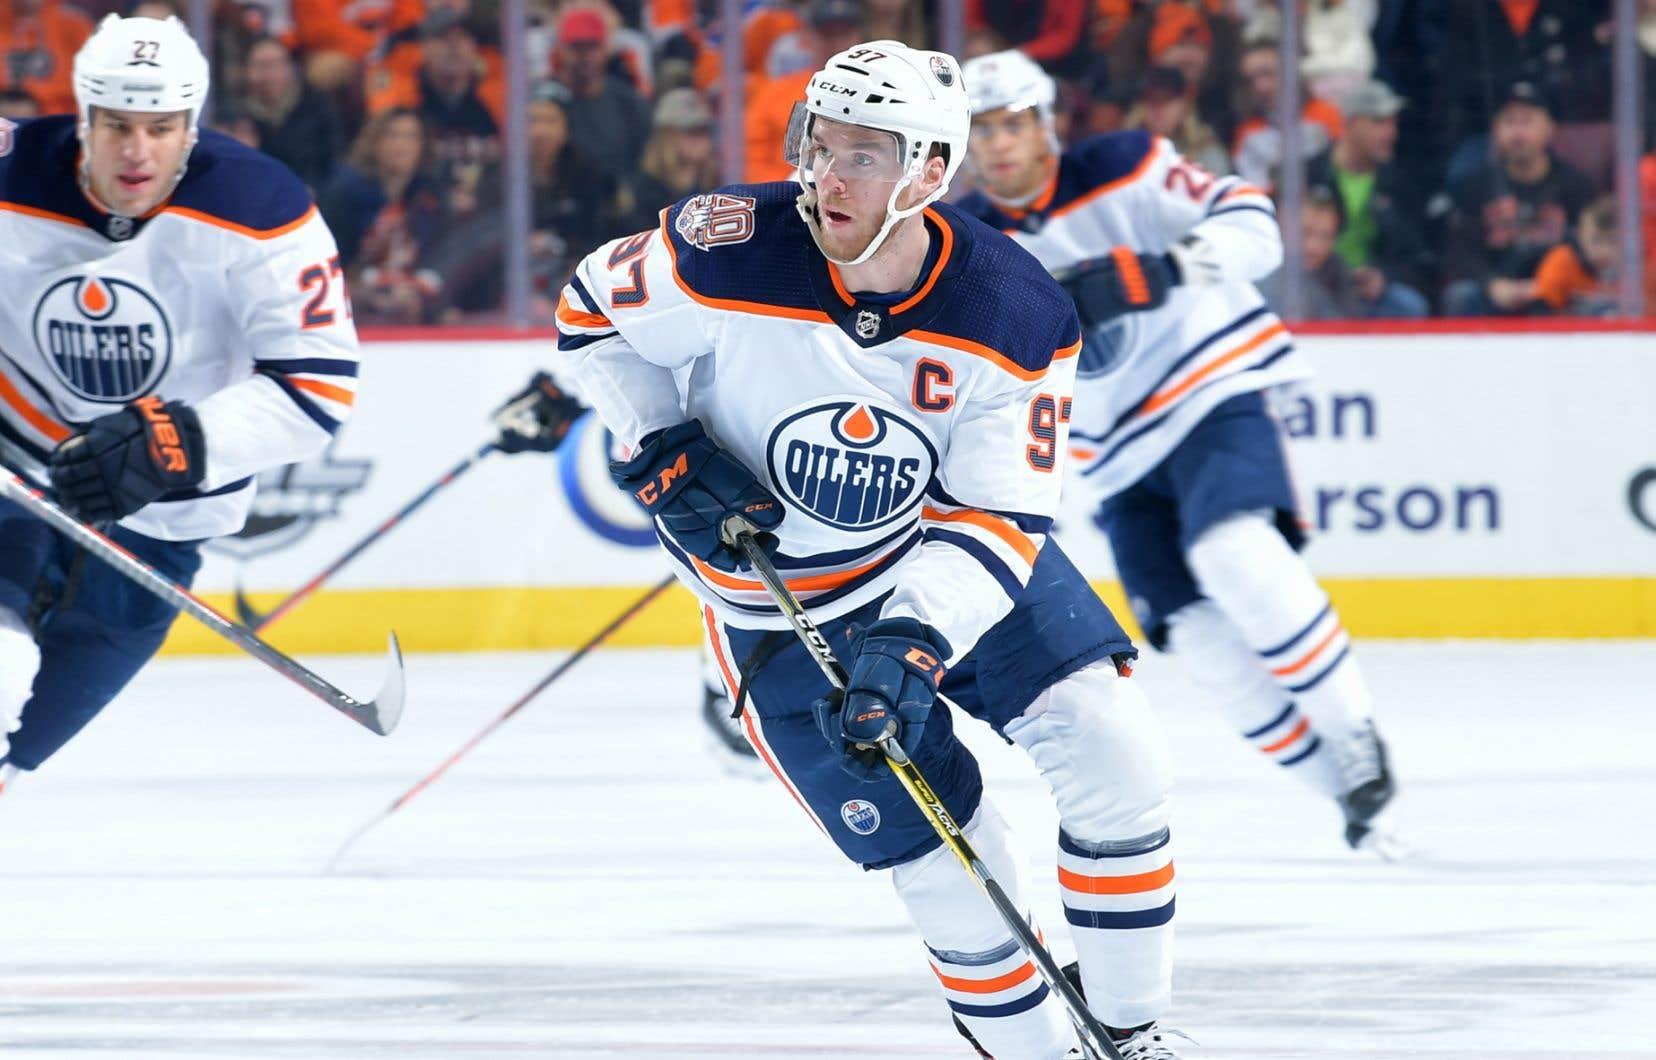 Le capitaine des Oilers d'Edmonton, Connor McDavid, admet que l'accumulation des défaites cette saison est difficile à supporter.